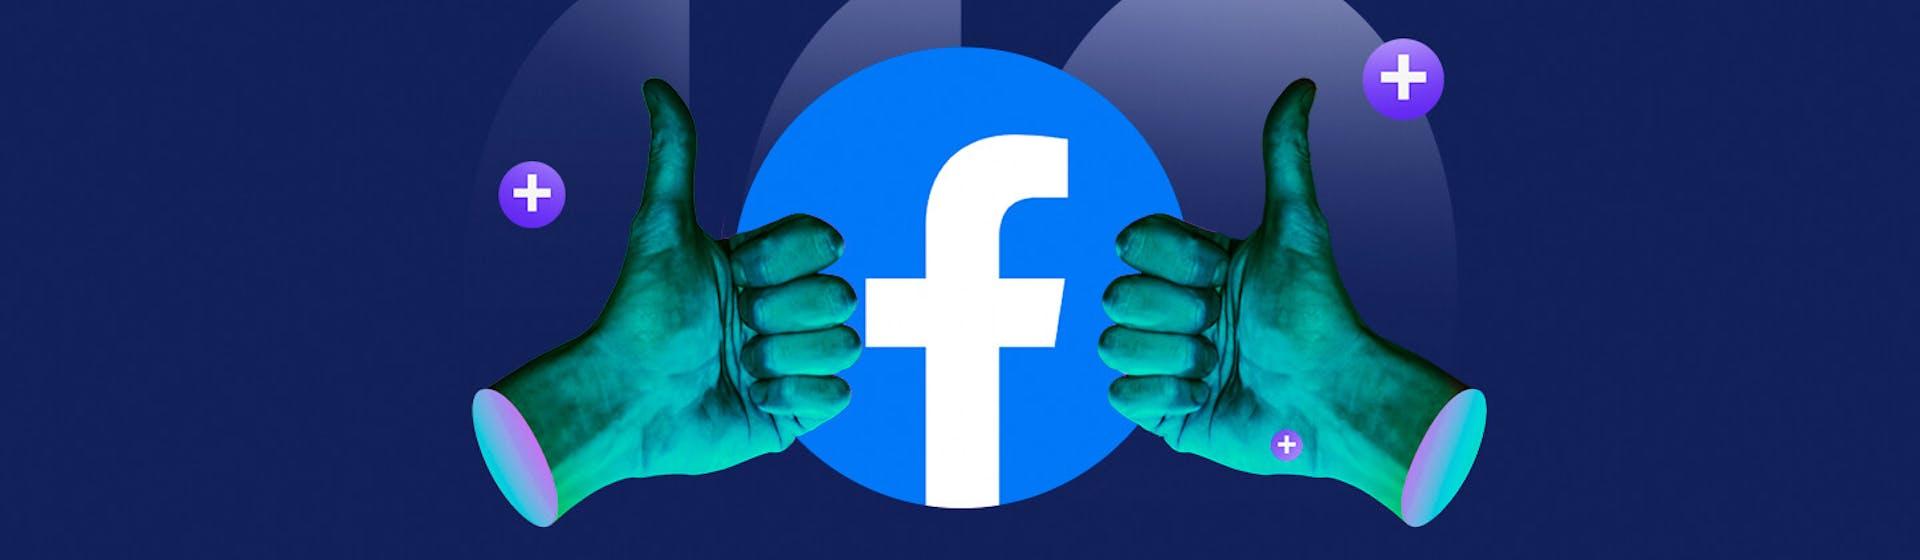 ¿Cómo conseguir likes en Facebook? Seduce a tu público y gana su aprobación